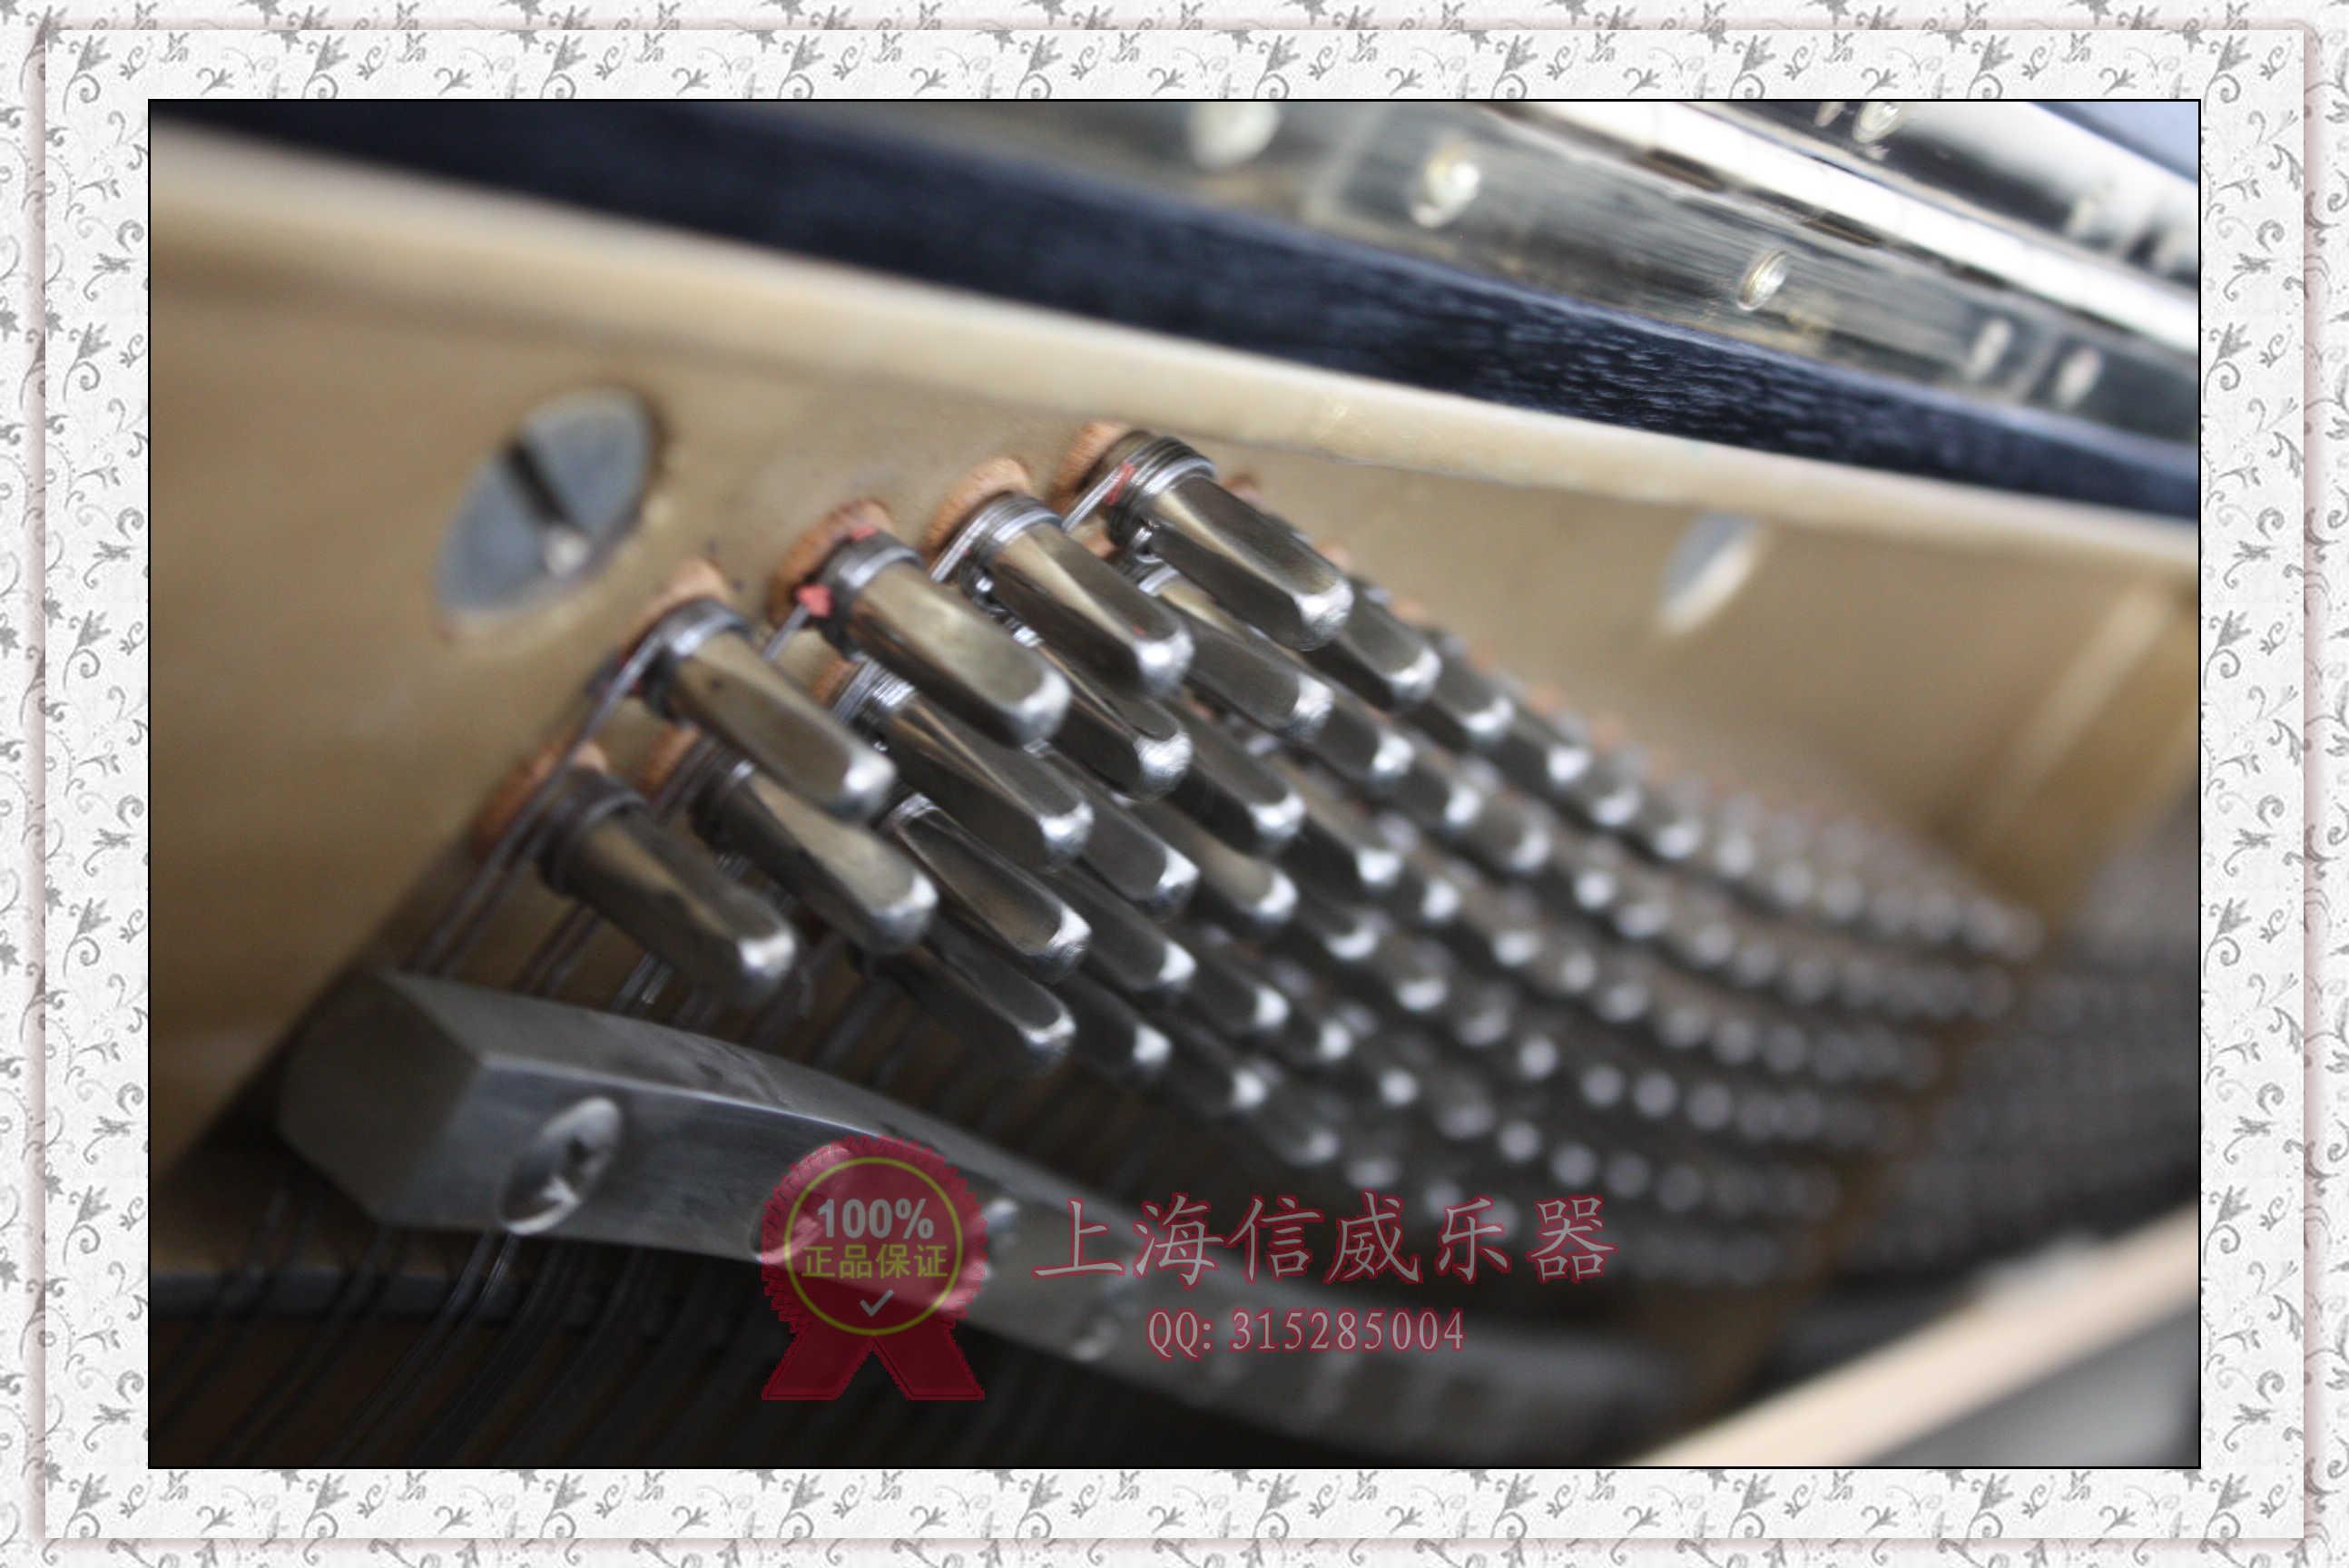 特价 品质保证 钢琴 12 BL BL31 KAWAI 日本原装进口正品二手